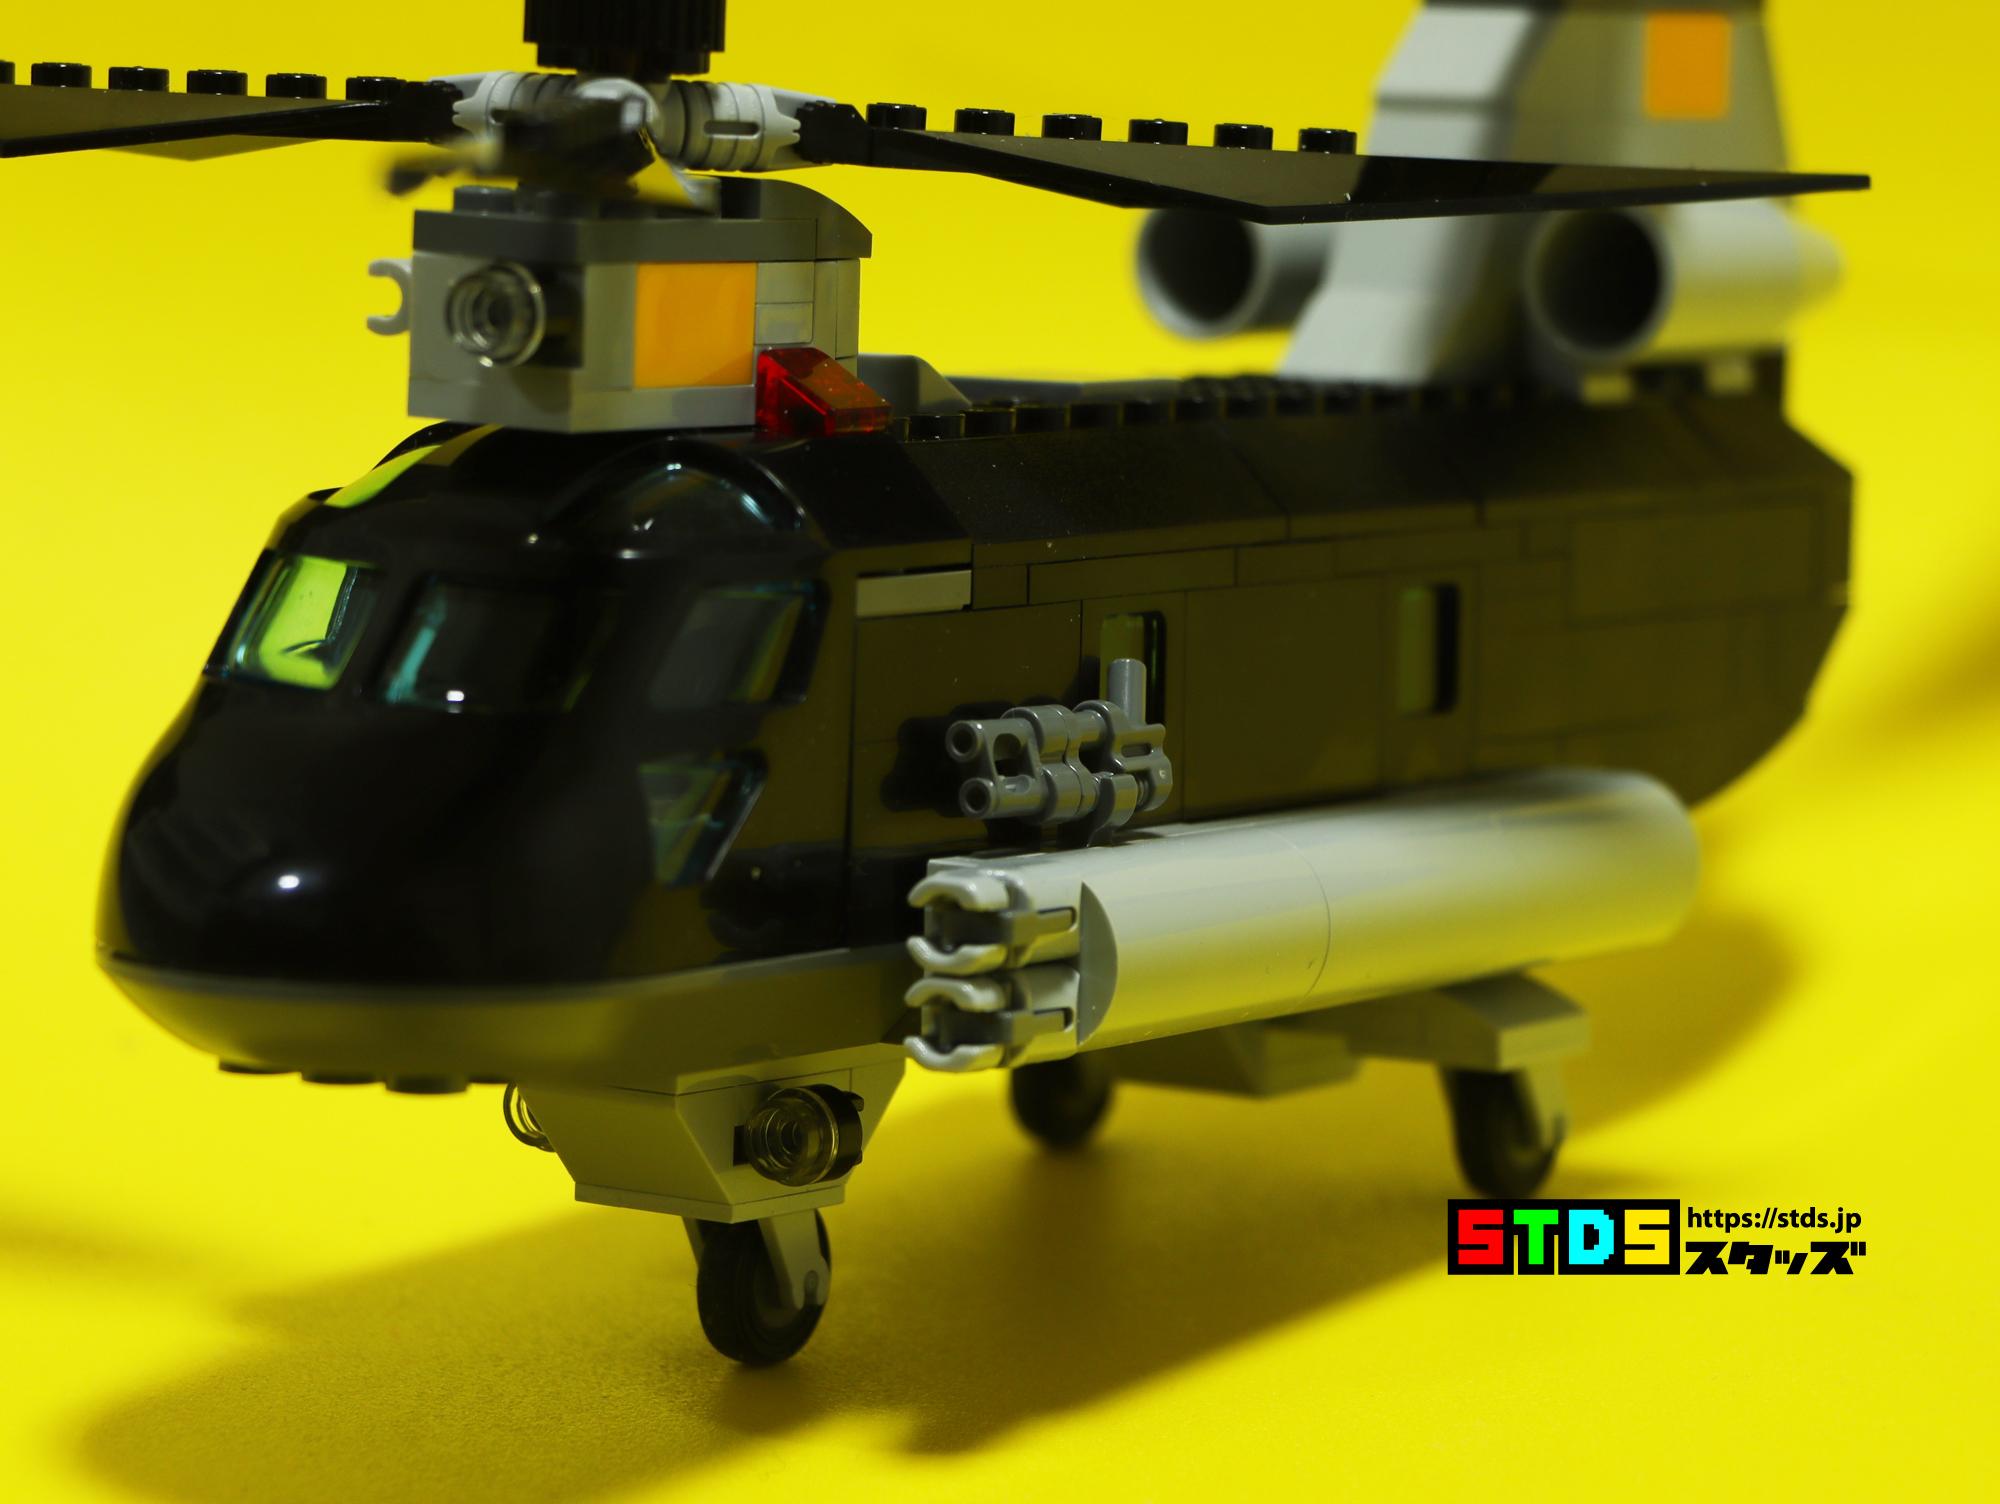 レゴ76162ブラック・ウィドウヘリとCH-47チヌークを比較しながらレビューした